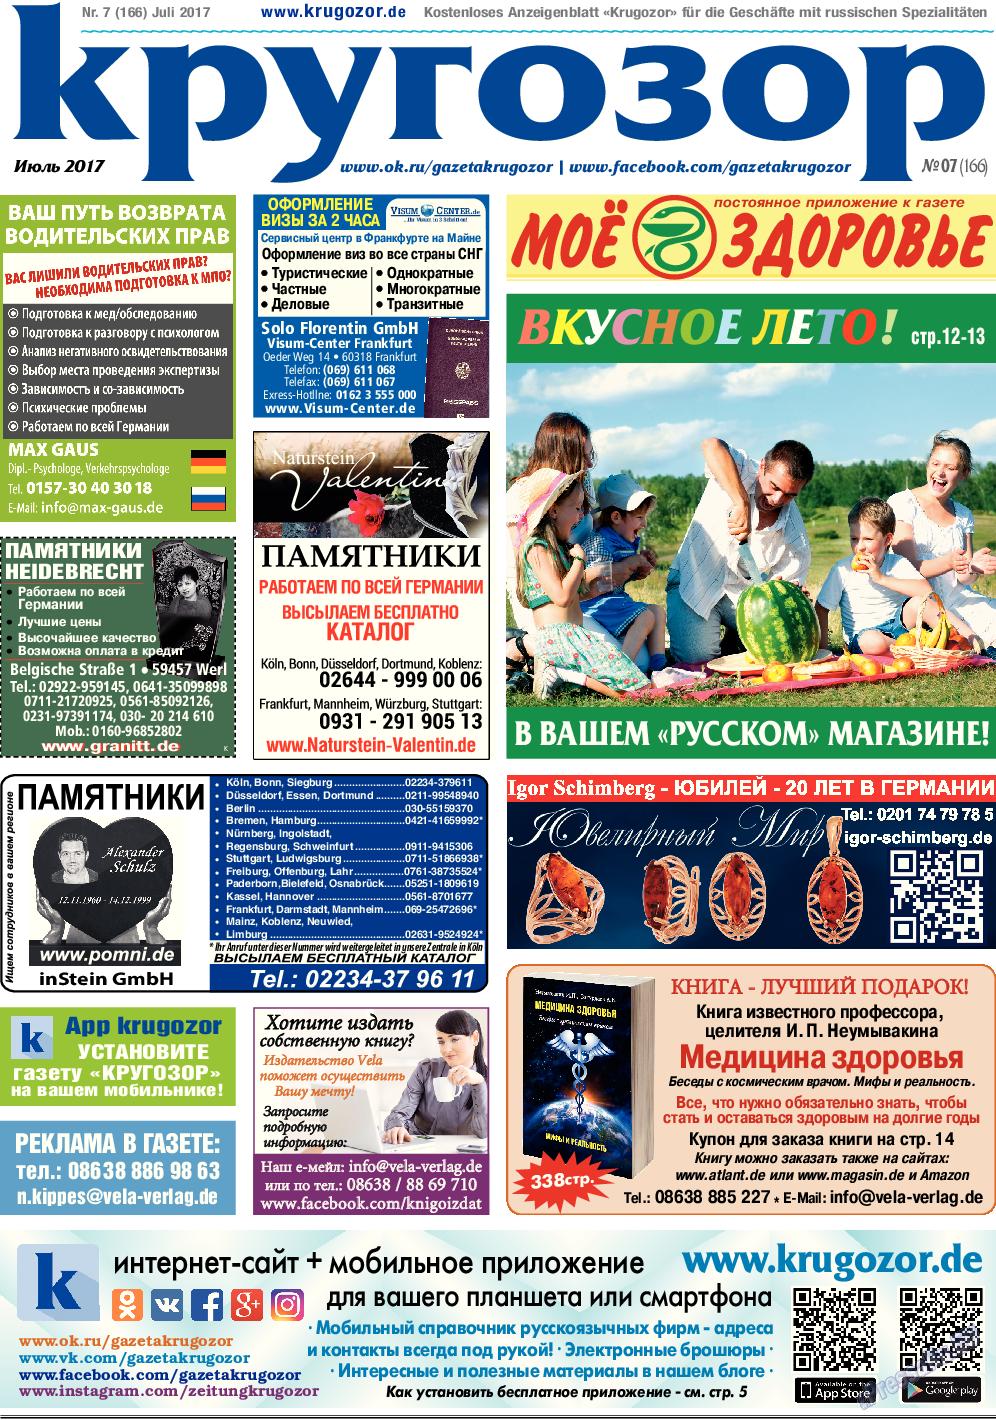 Кругозор (газета). 2017 год, номер 7, стр. 1